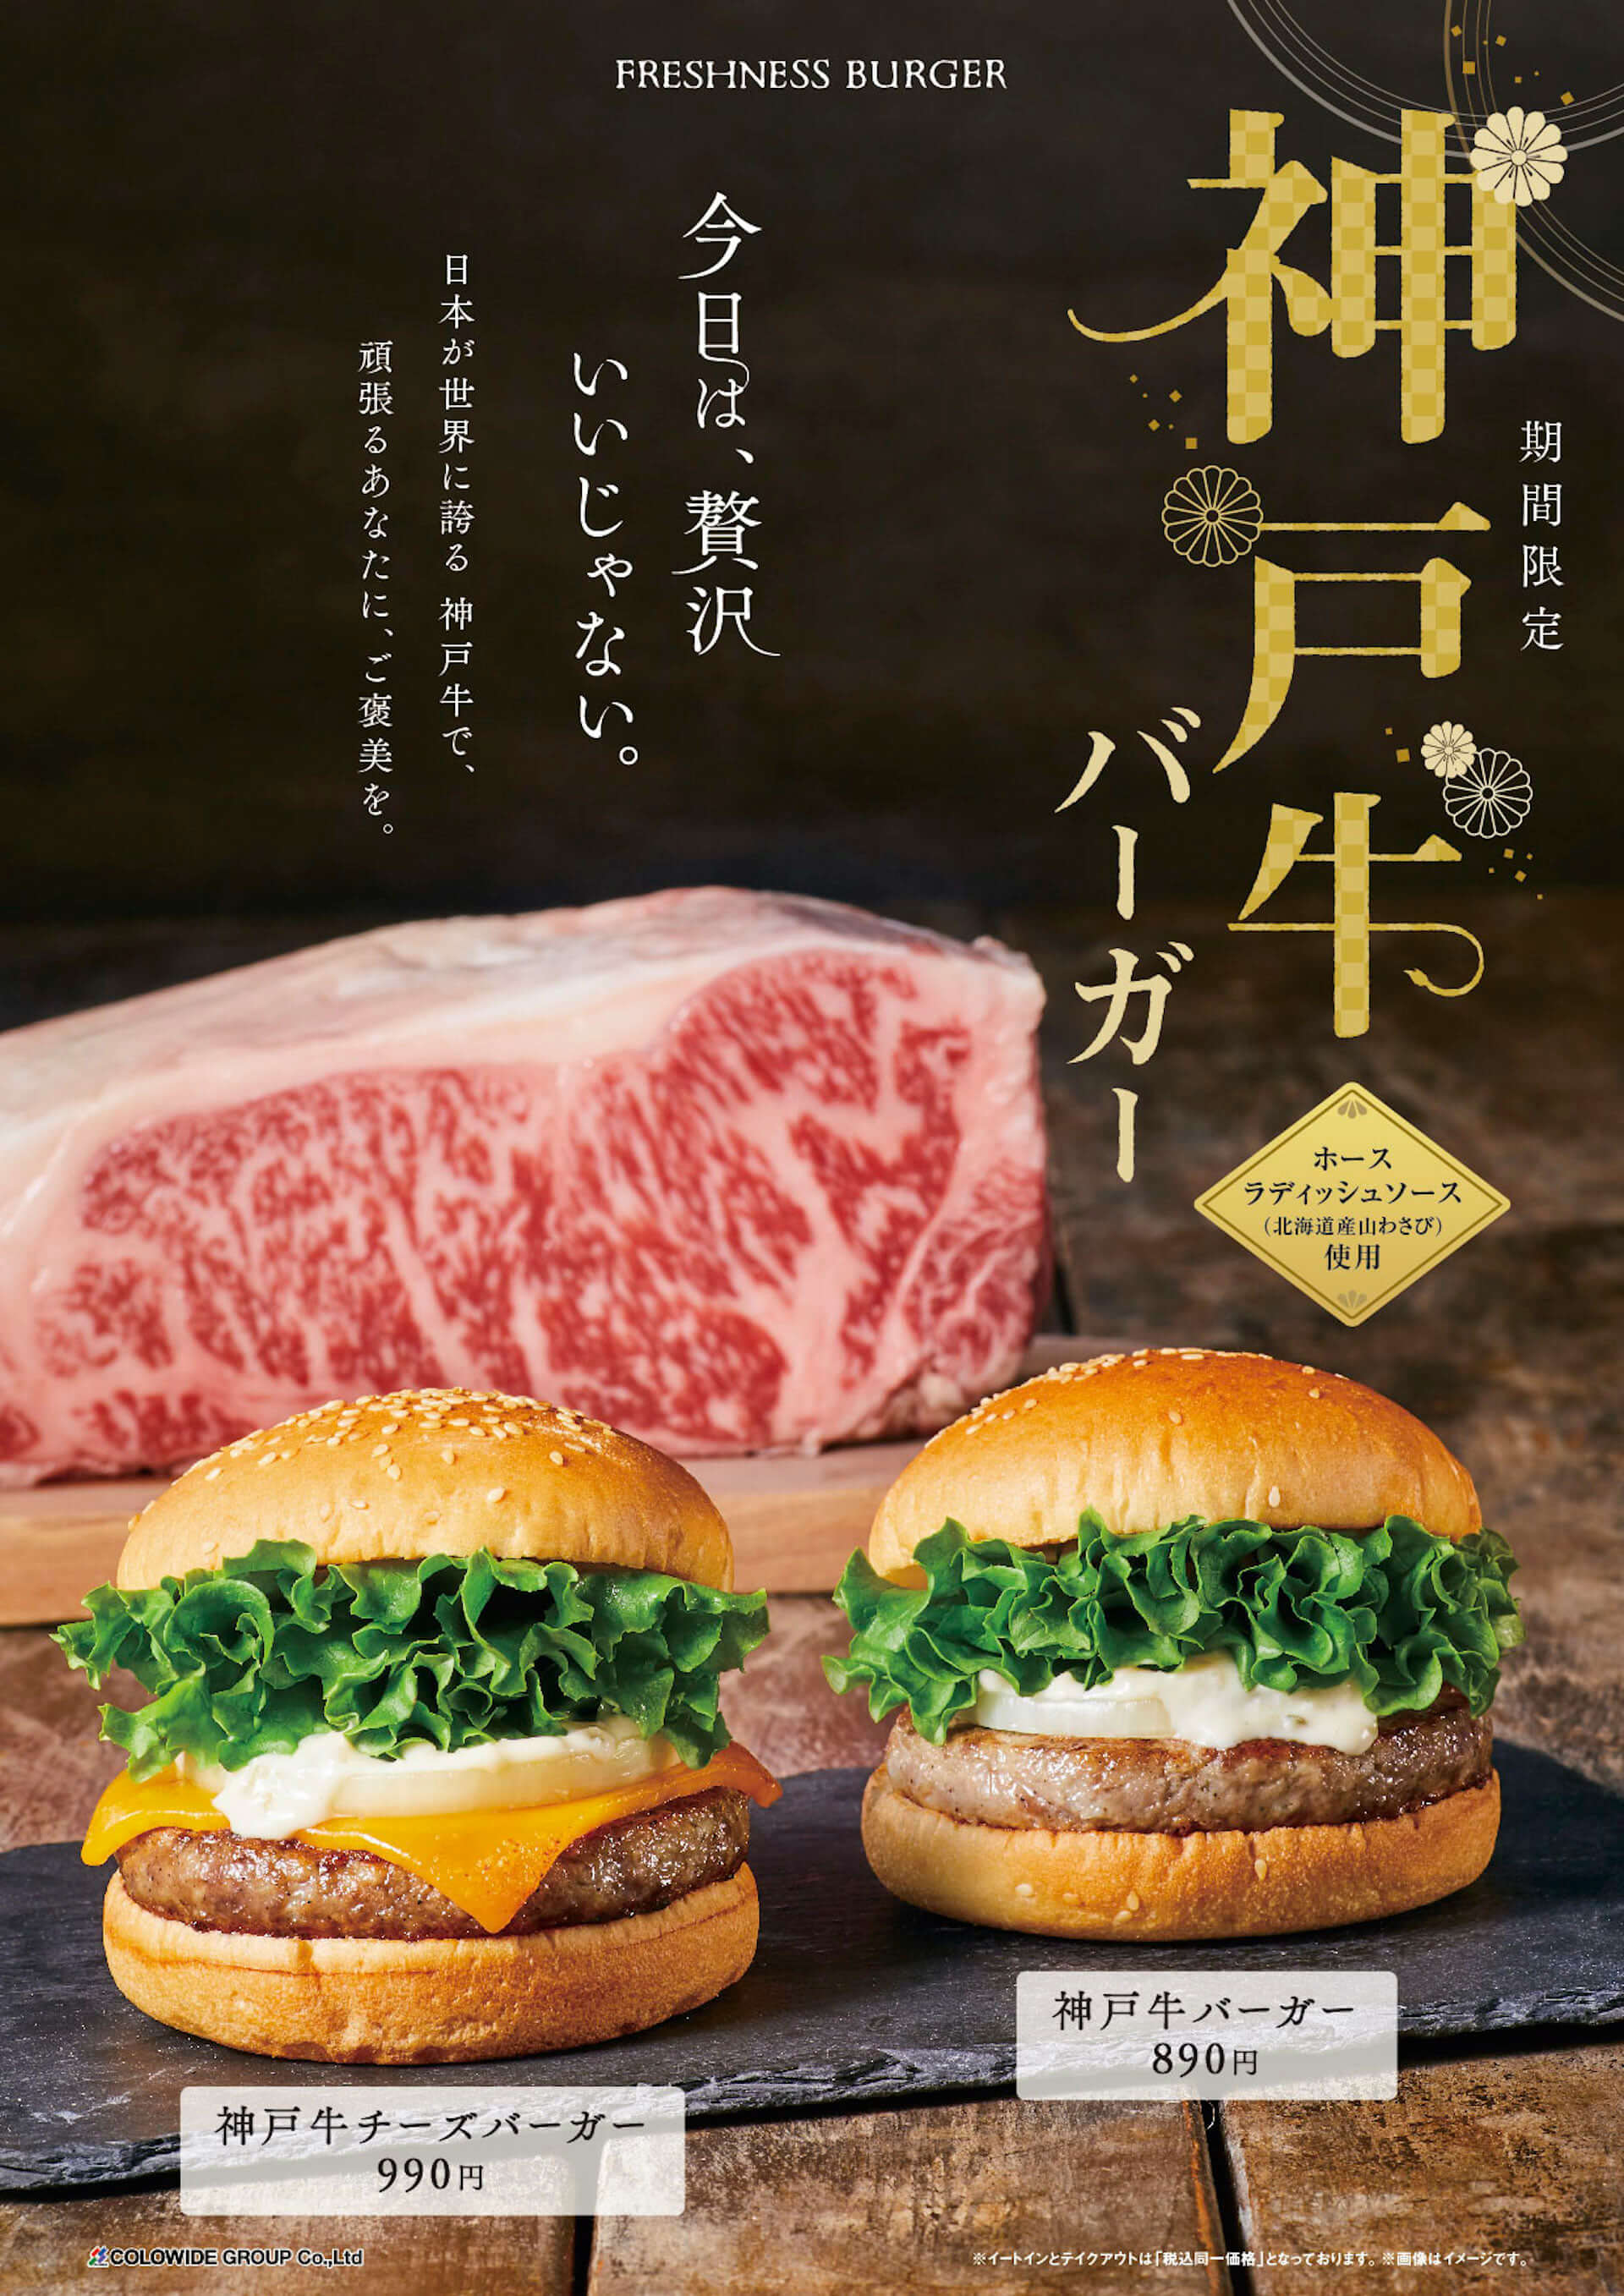 神戸牛肉の旨味たっぷりの「ブランド和牛バーガー」が今年もフレッシュネスバーガーに登場!期間限定商品『神戸牛バーガー』&『神戸牛チーズバーガー』が発売決定 gourmet201117_freshnessburger_2-1920x2715